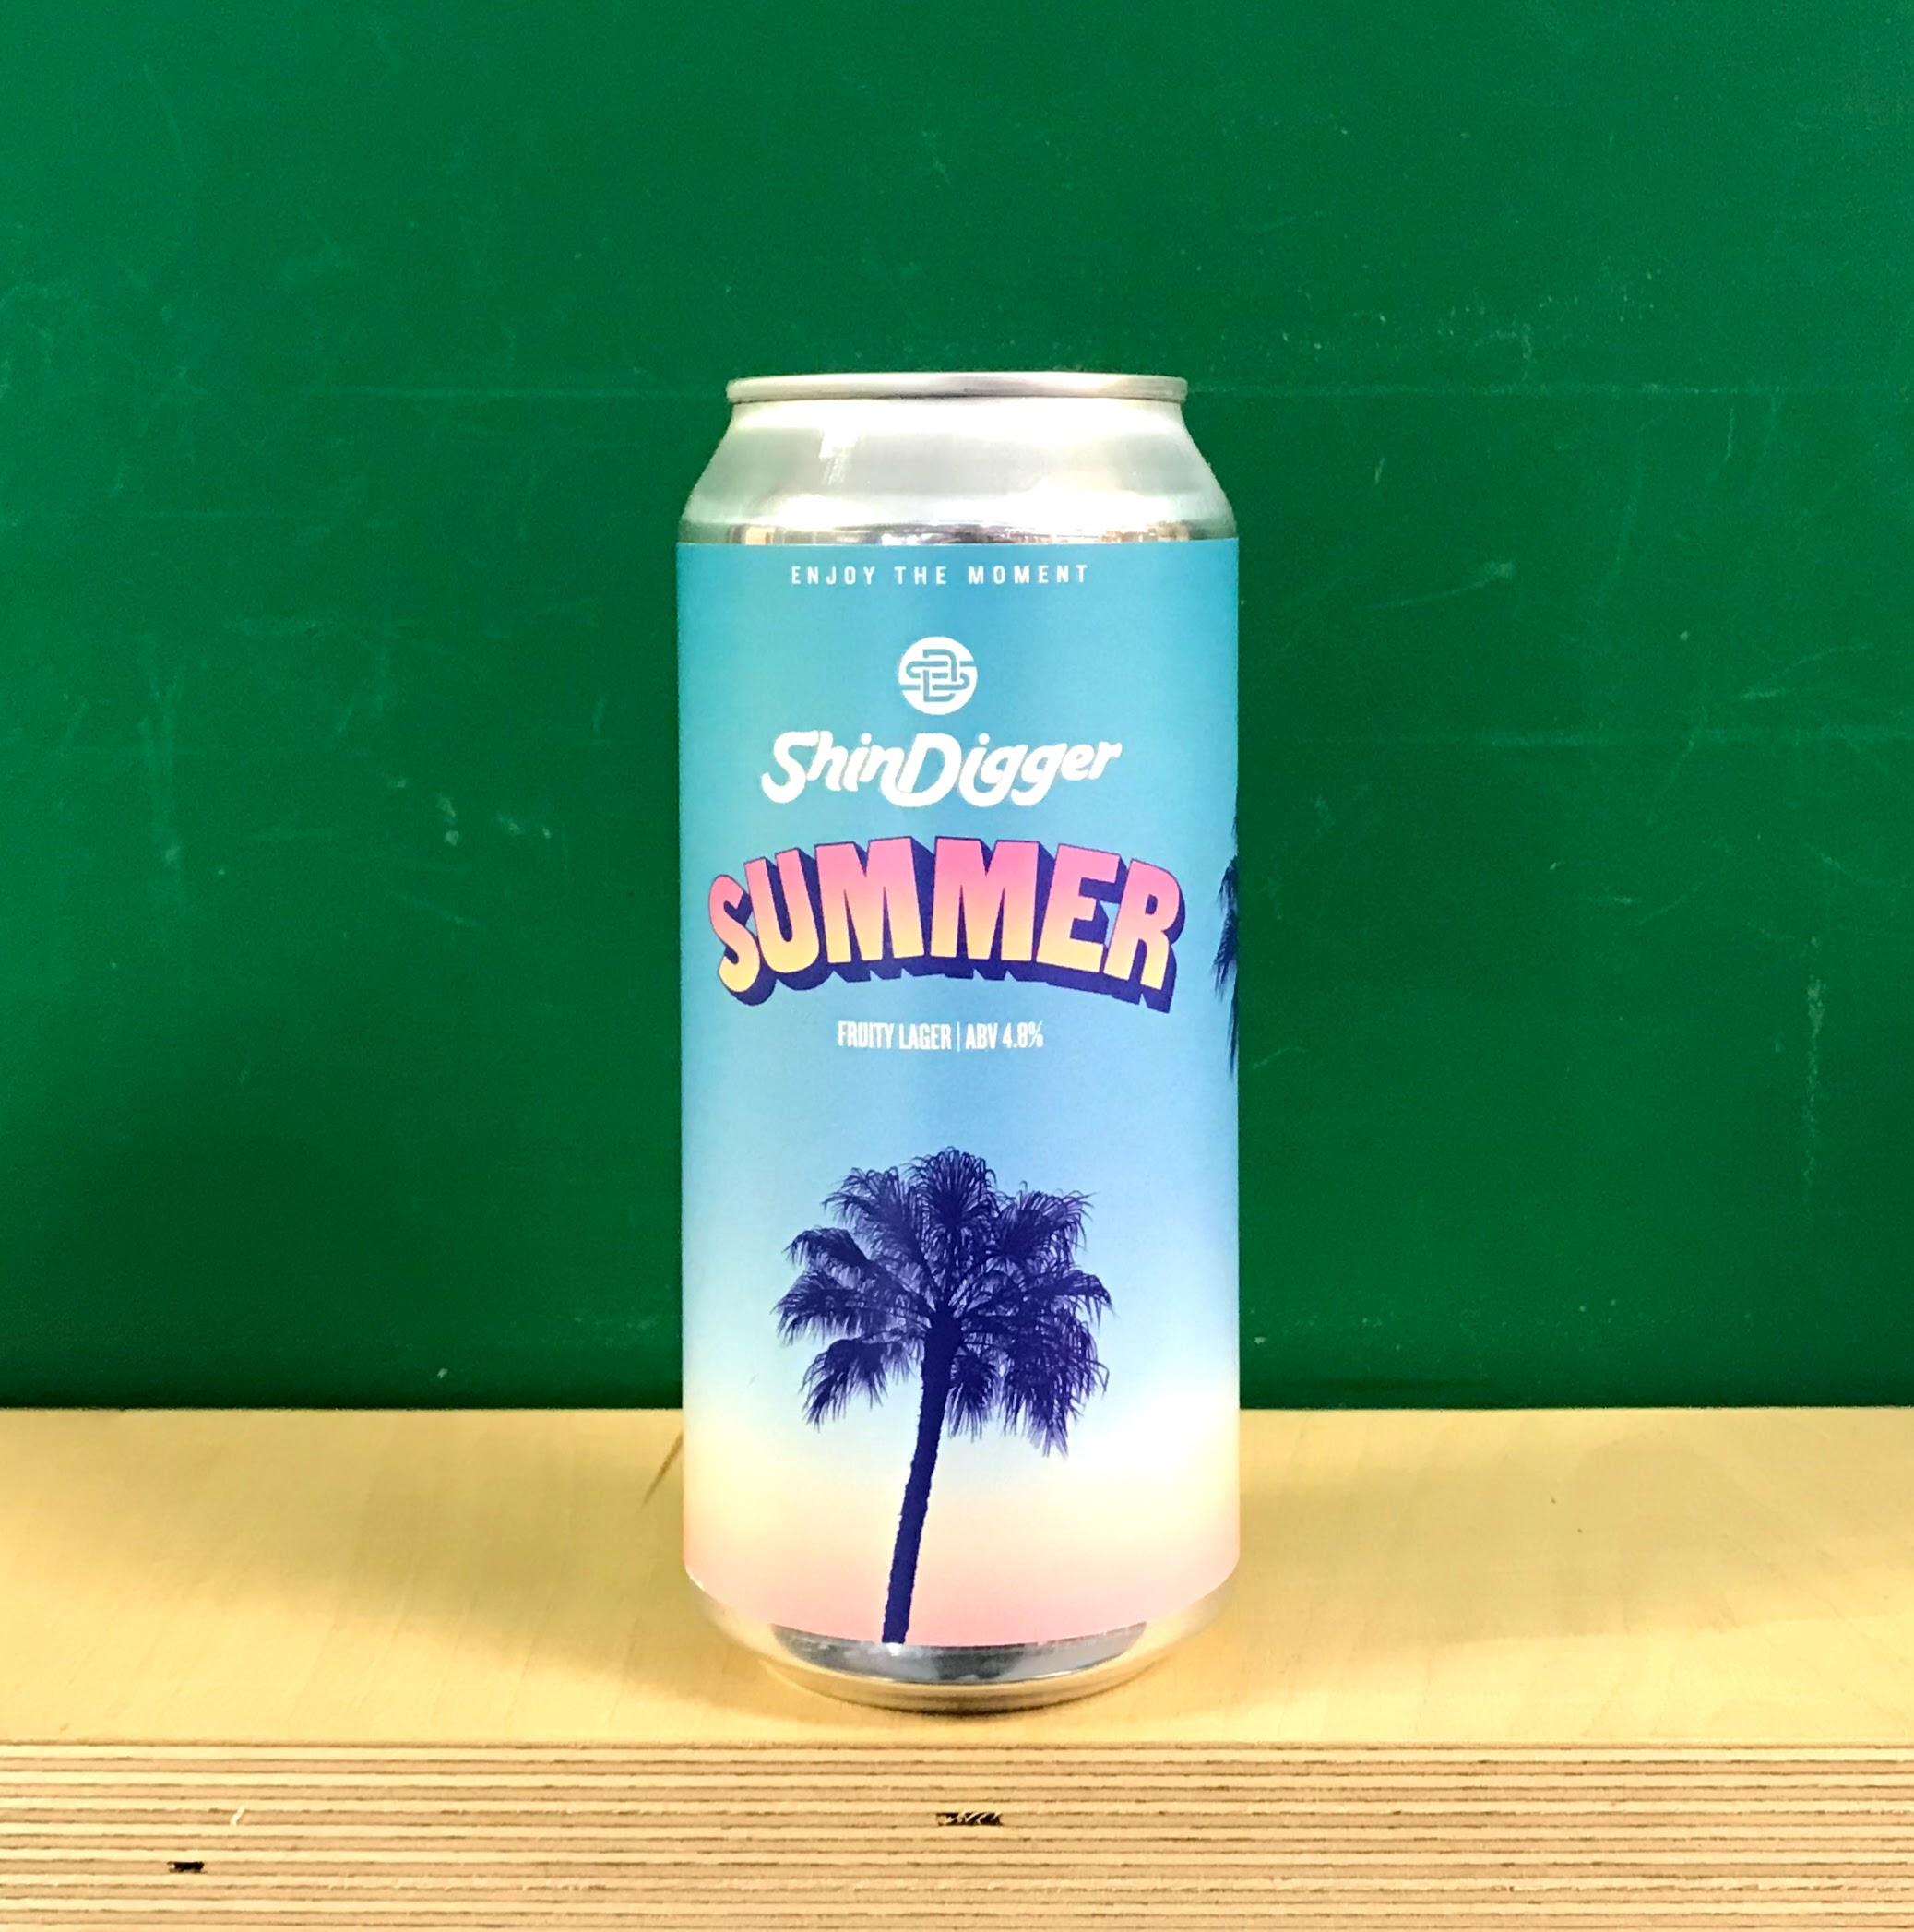 Shindigger Summer